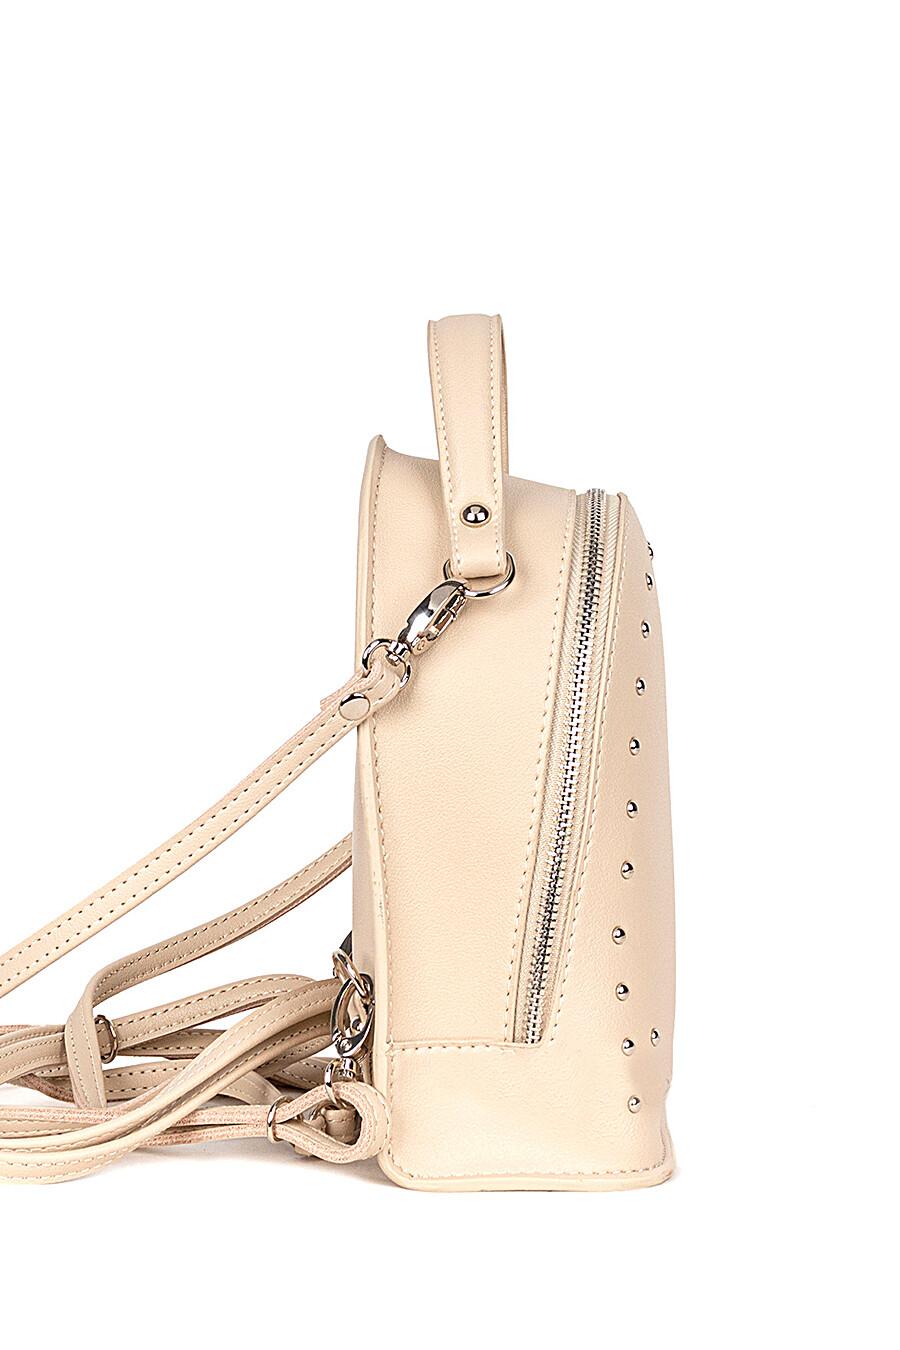 Сумка-рюкзак для женщин L-CRAFT 668275 купить оптом от производителя. Совместная покупка женской одежды в OptMoyo